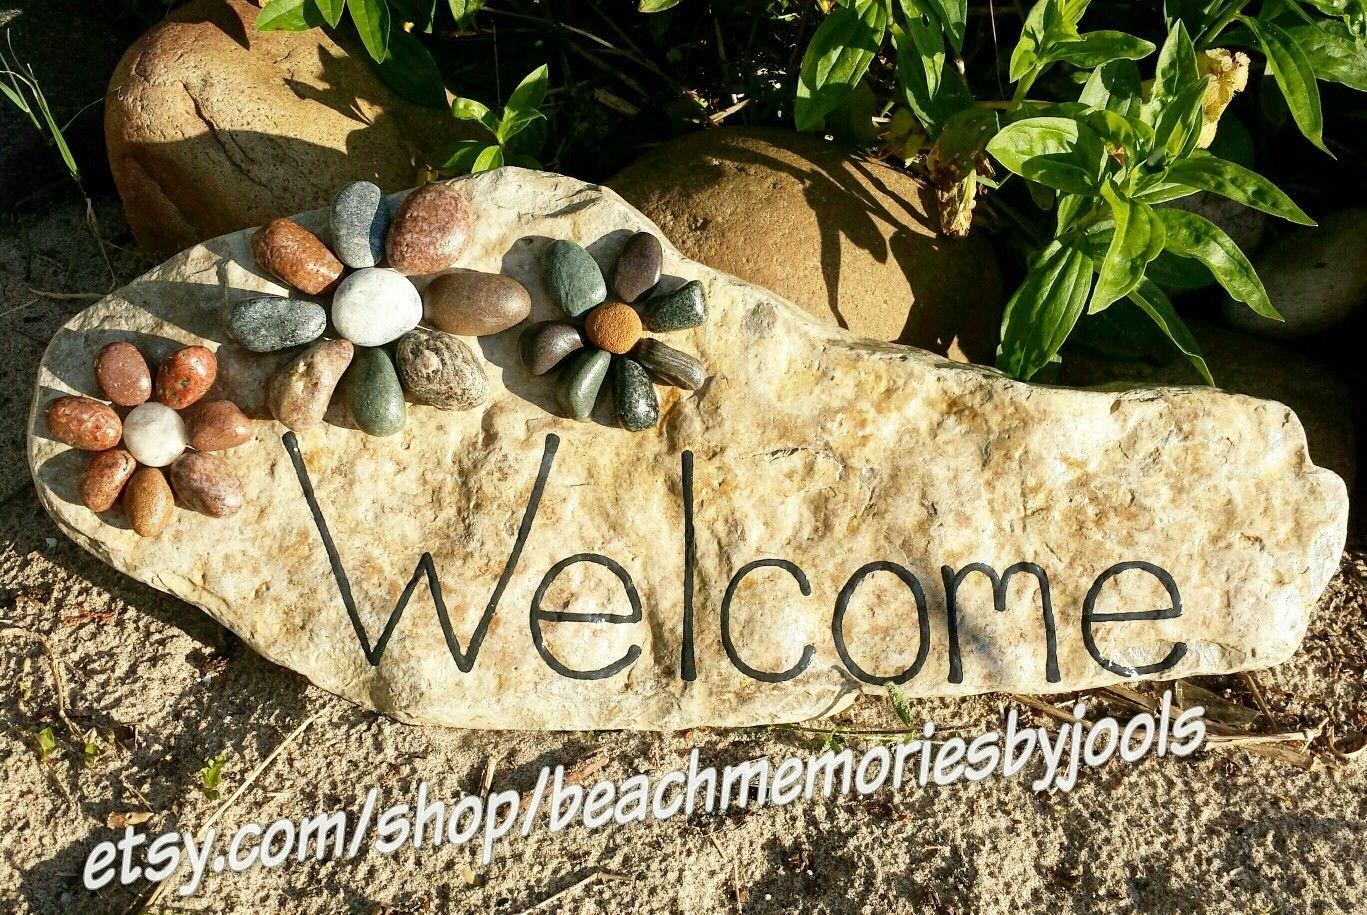 Painted Stones Painted Rocks Welcome Sign Garden Art Garden Decor Beach Theme Beach Art Beach Decor Pebble A Garden Rock Art Pebble Art Garden Art Diy